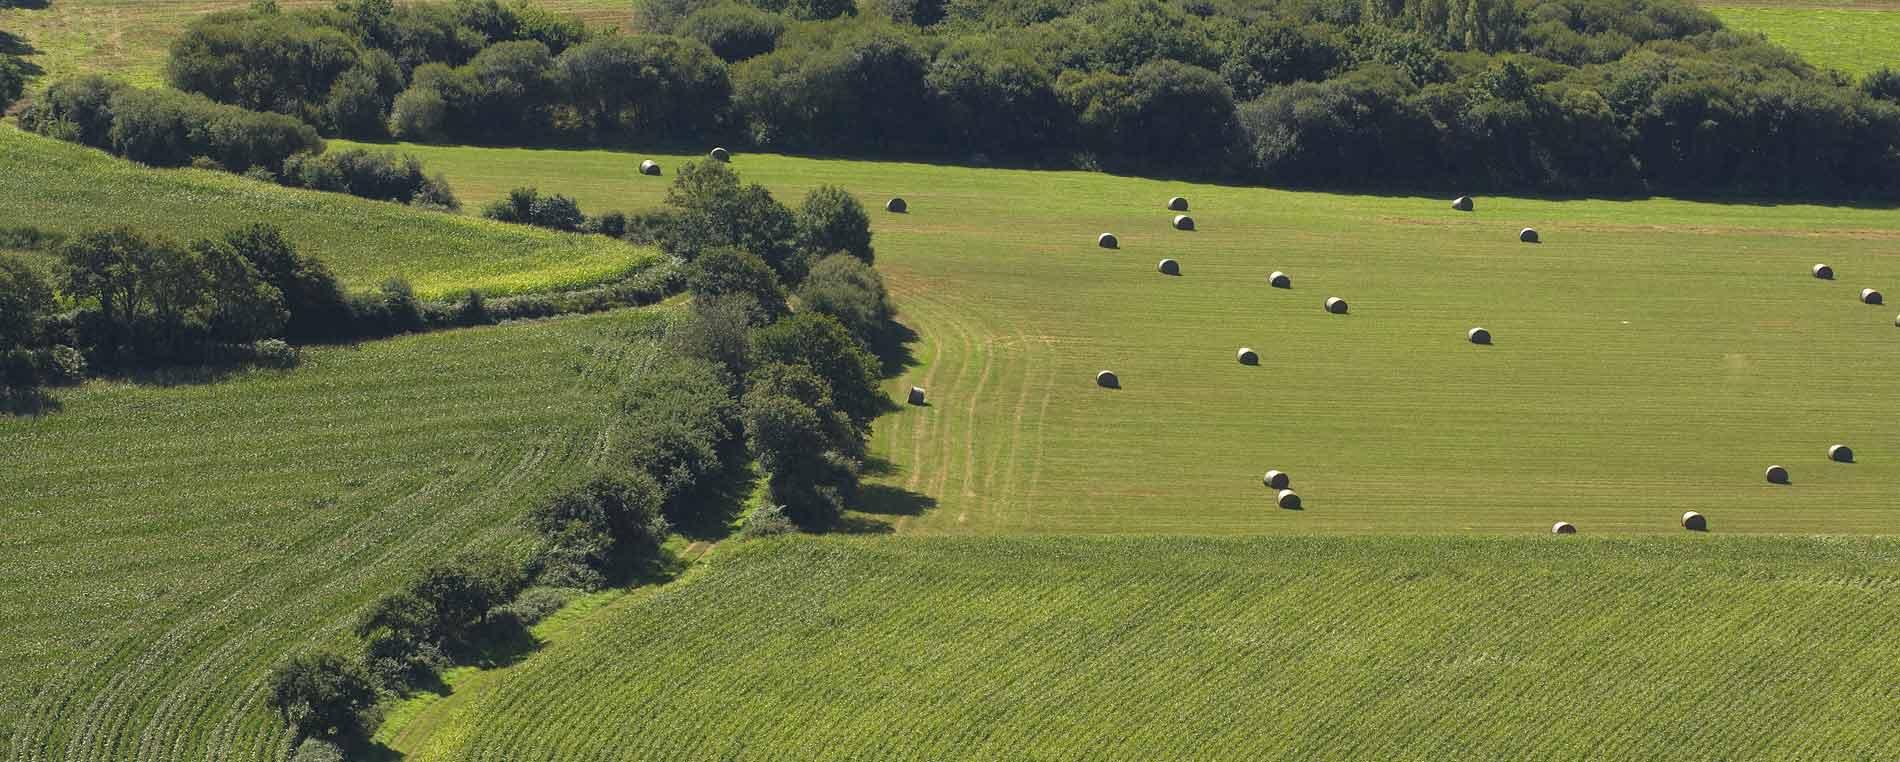 Nouvelles techniques agricoles : des exemples en Finistère